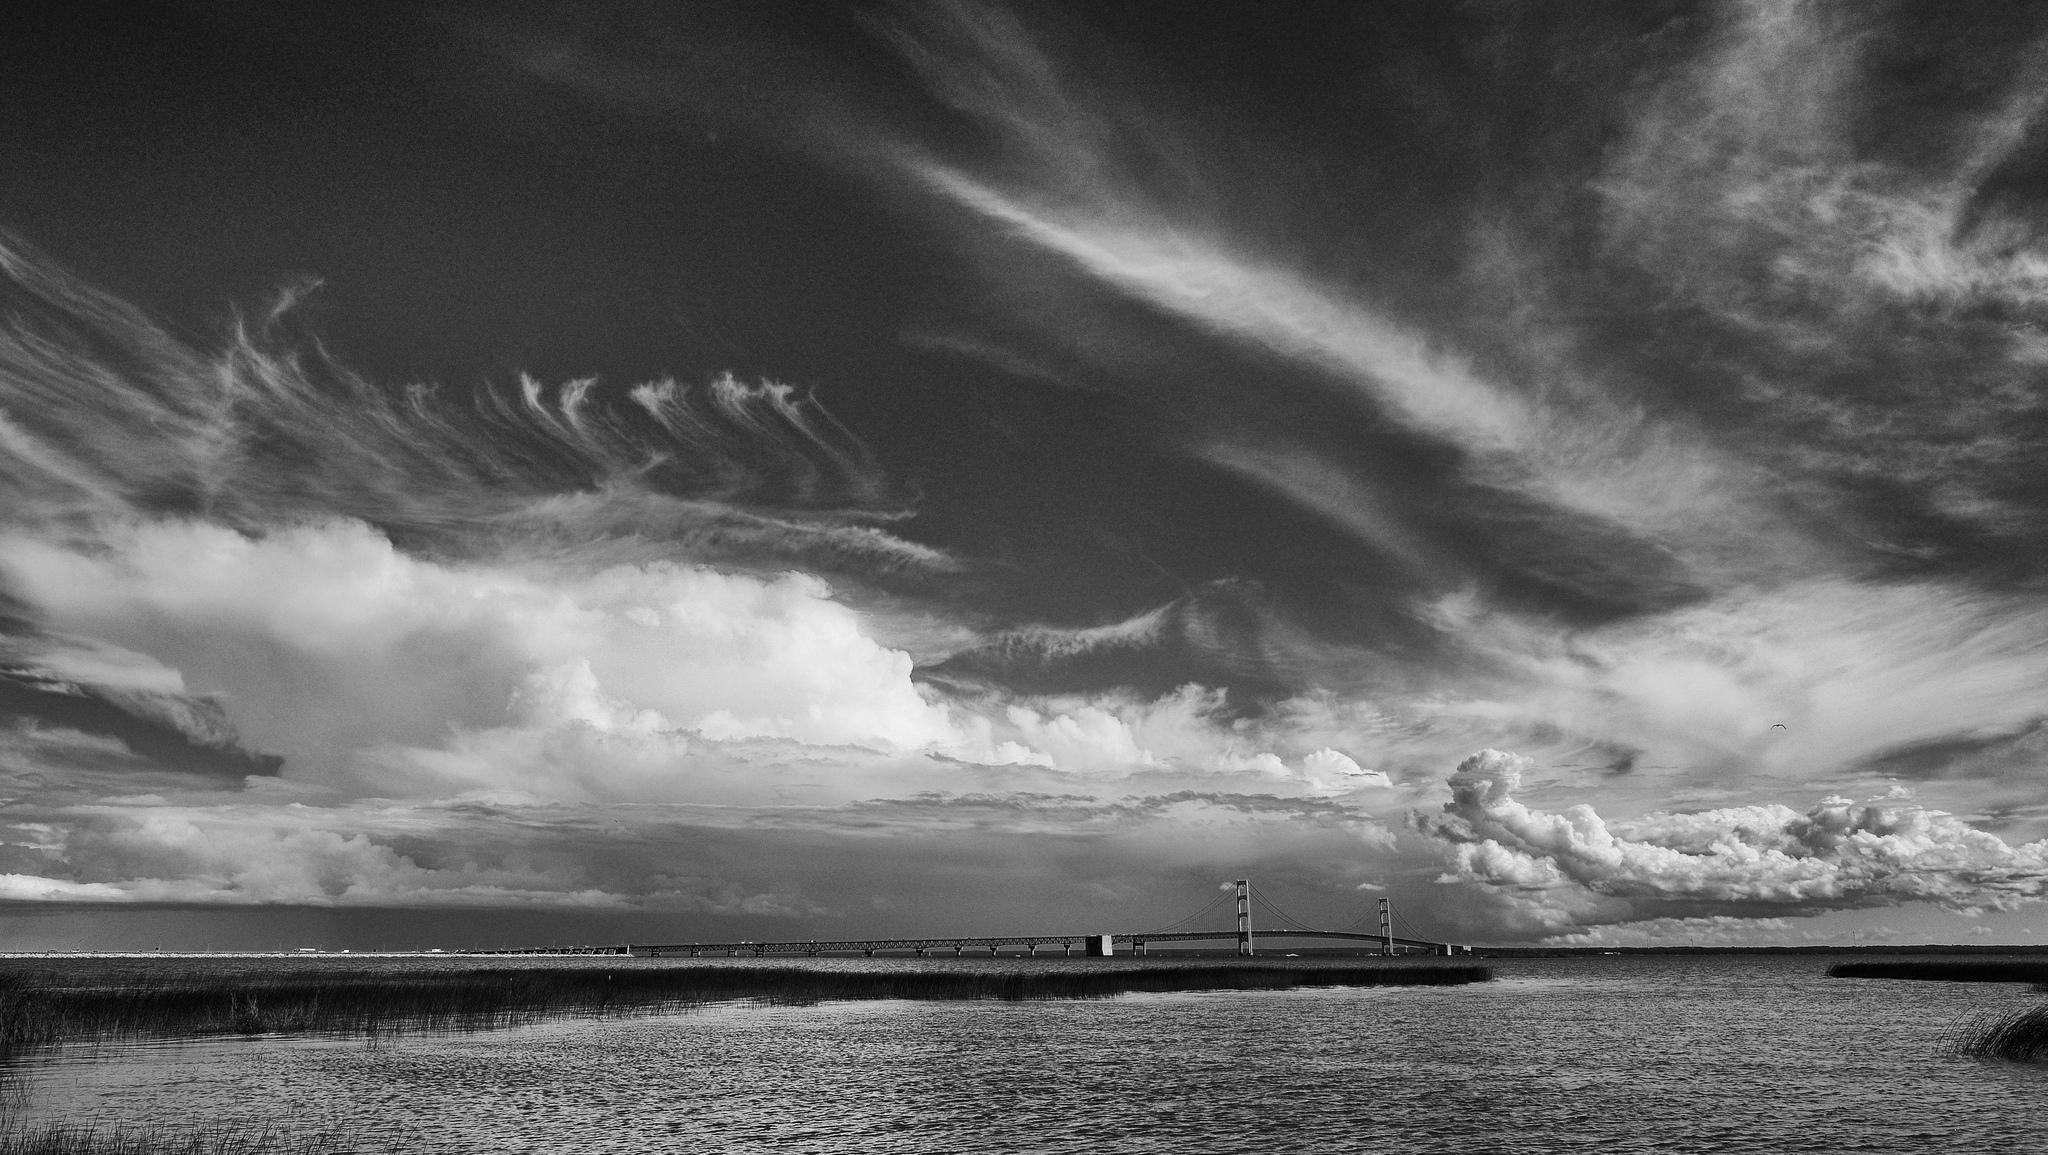 Mackinac Bridge, Michigan by Zack Schindler